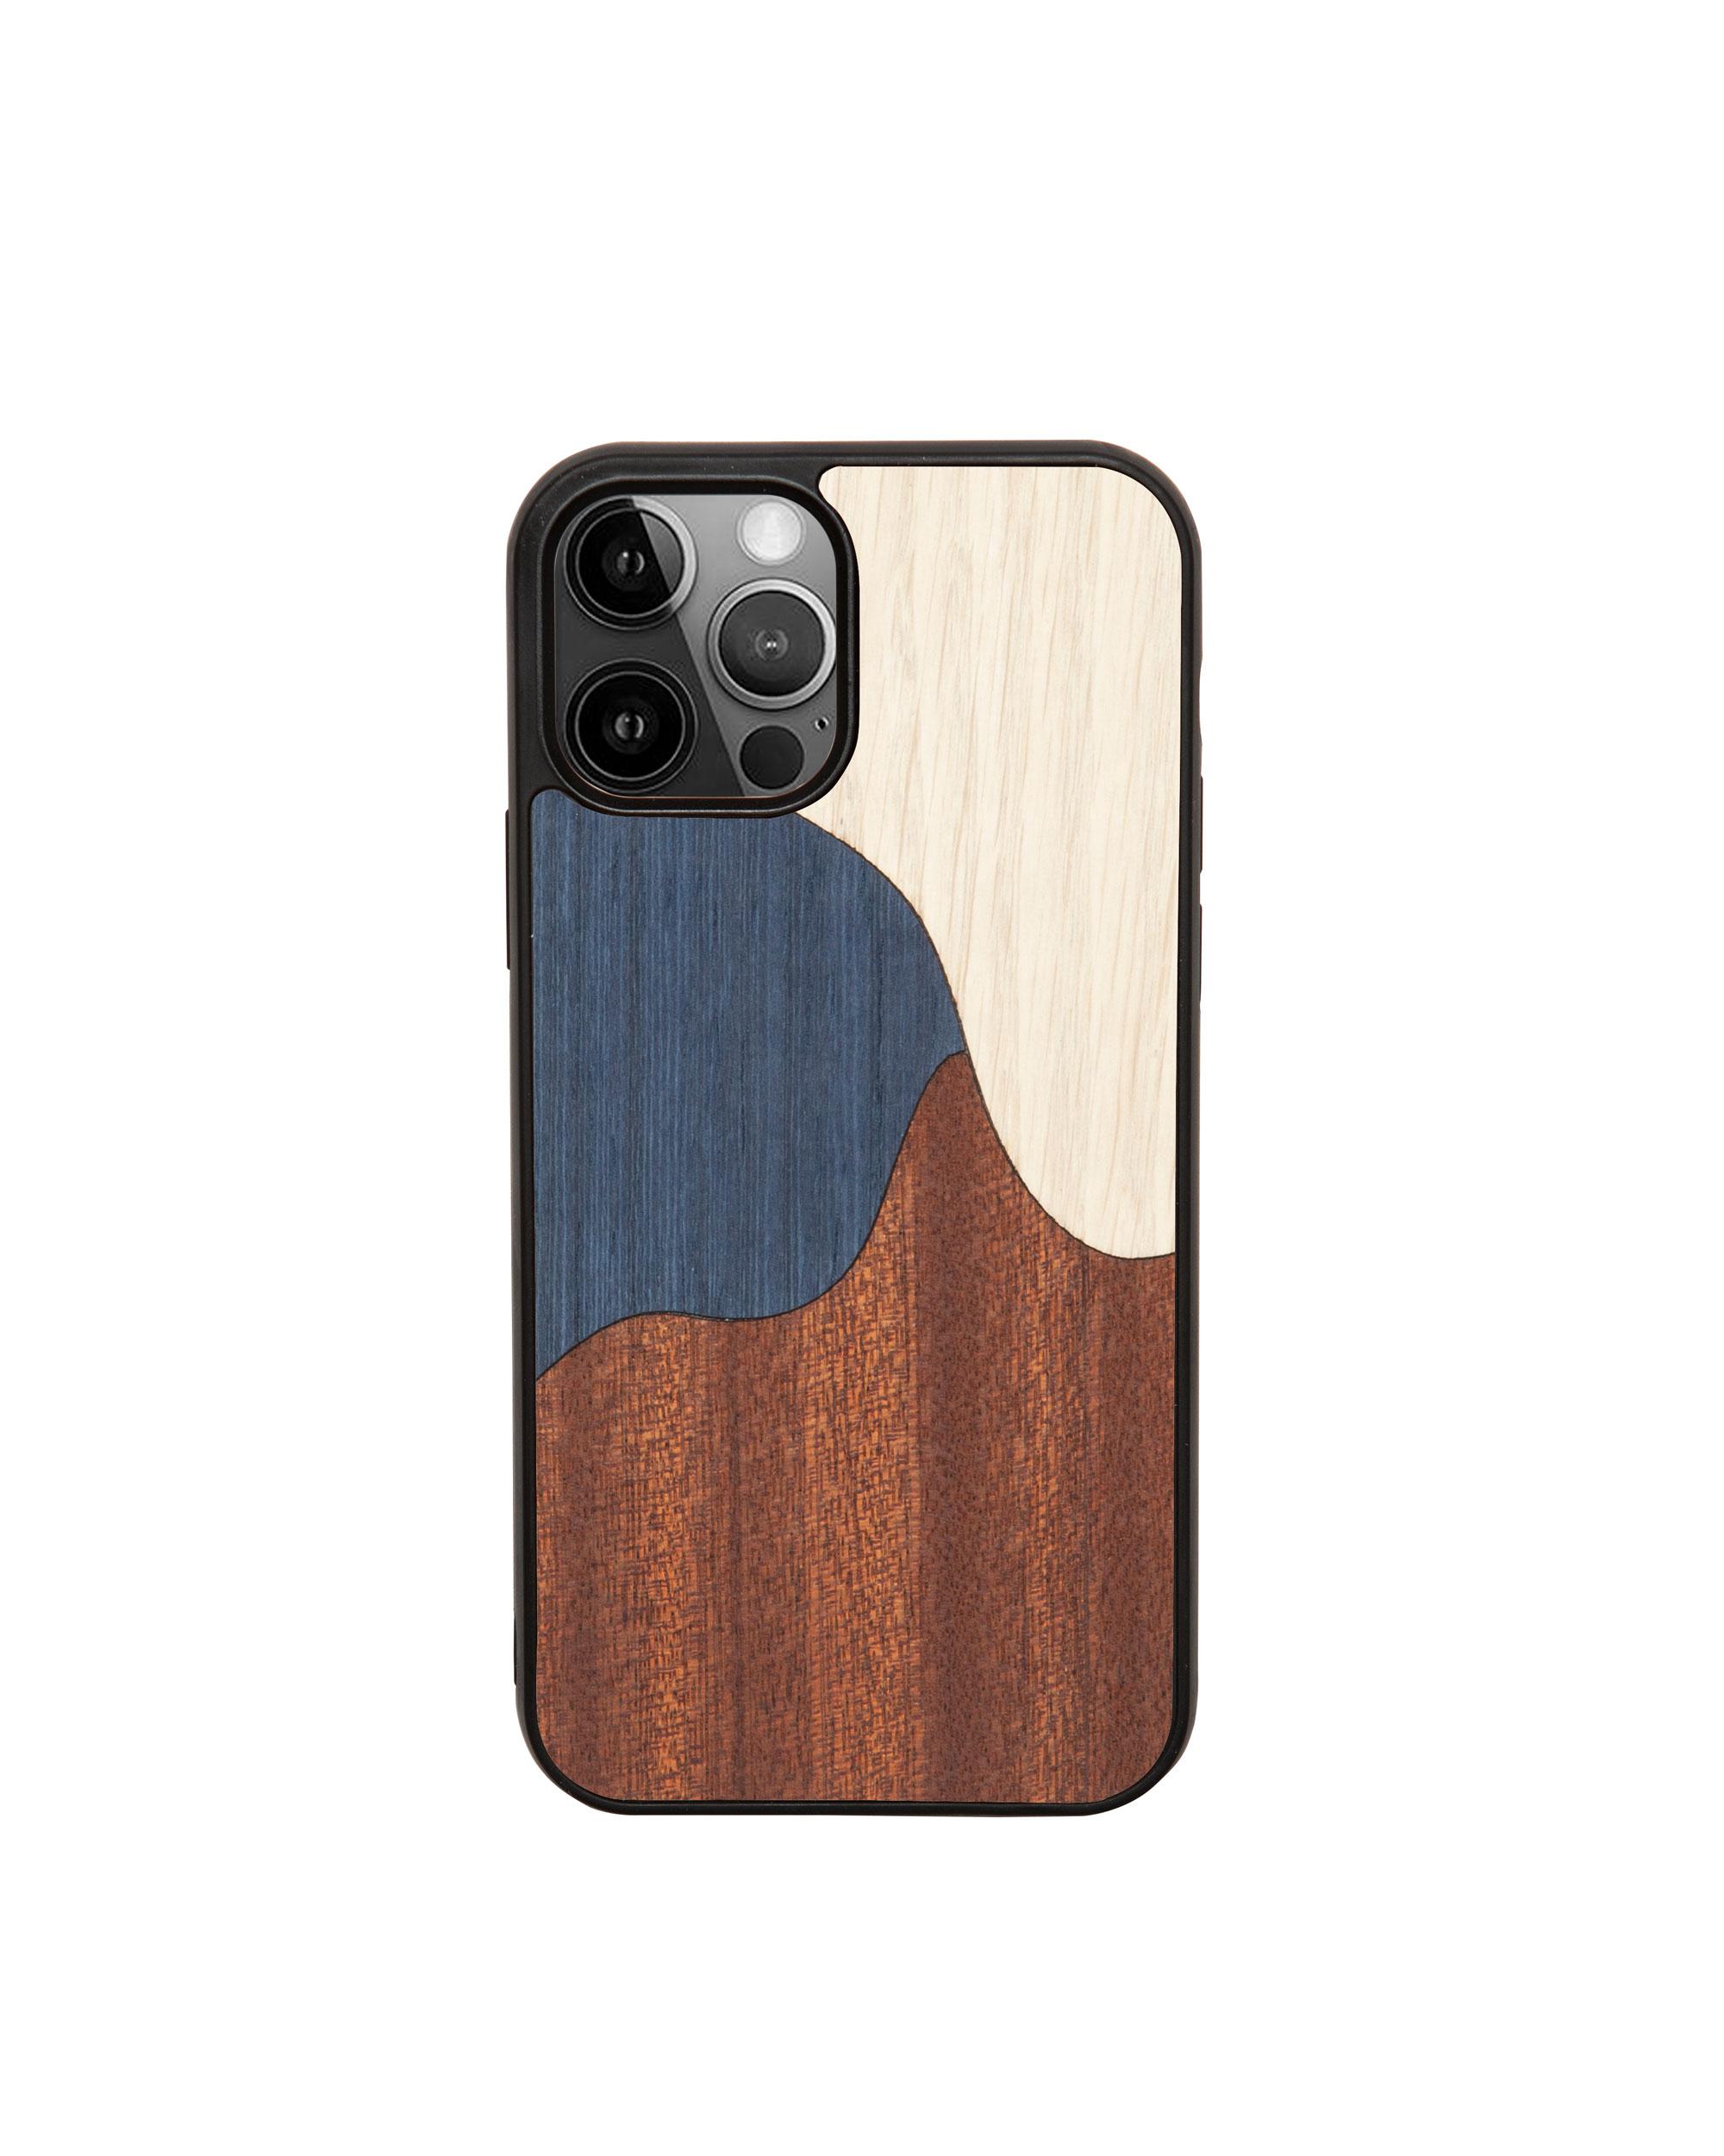 INLAY BLUE - Coque en bois pour iPhone 12 mini